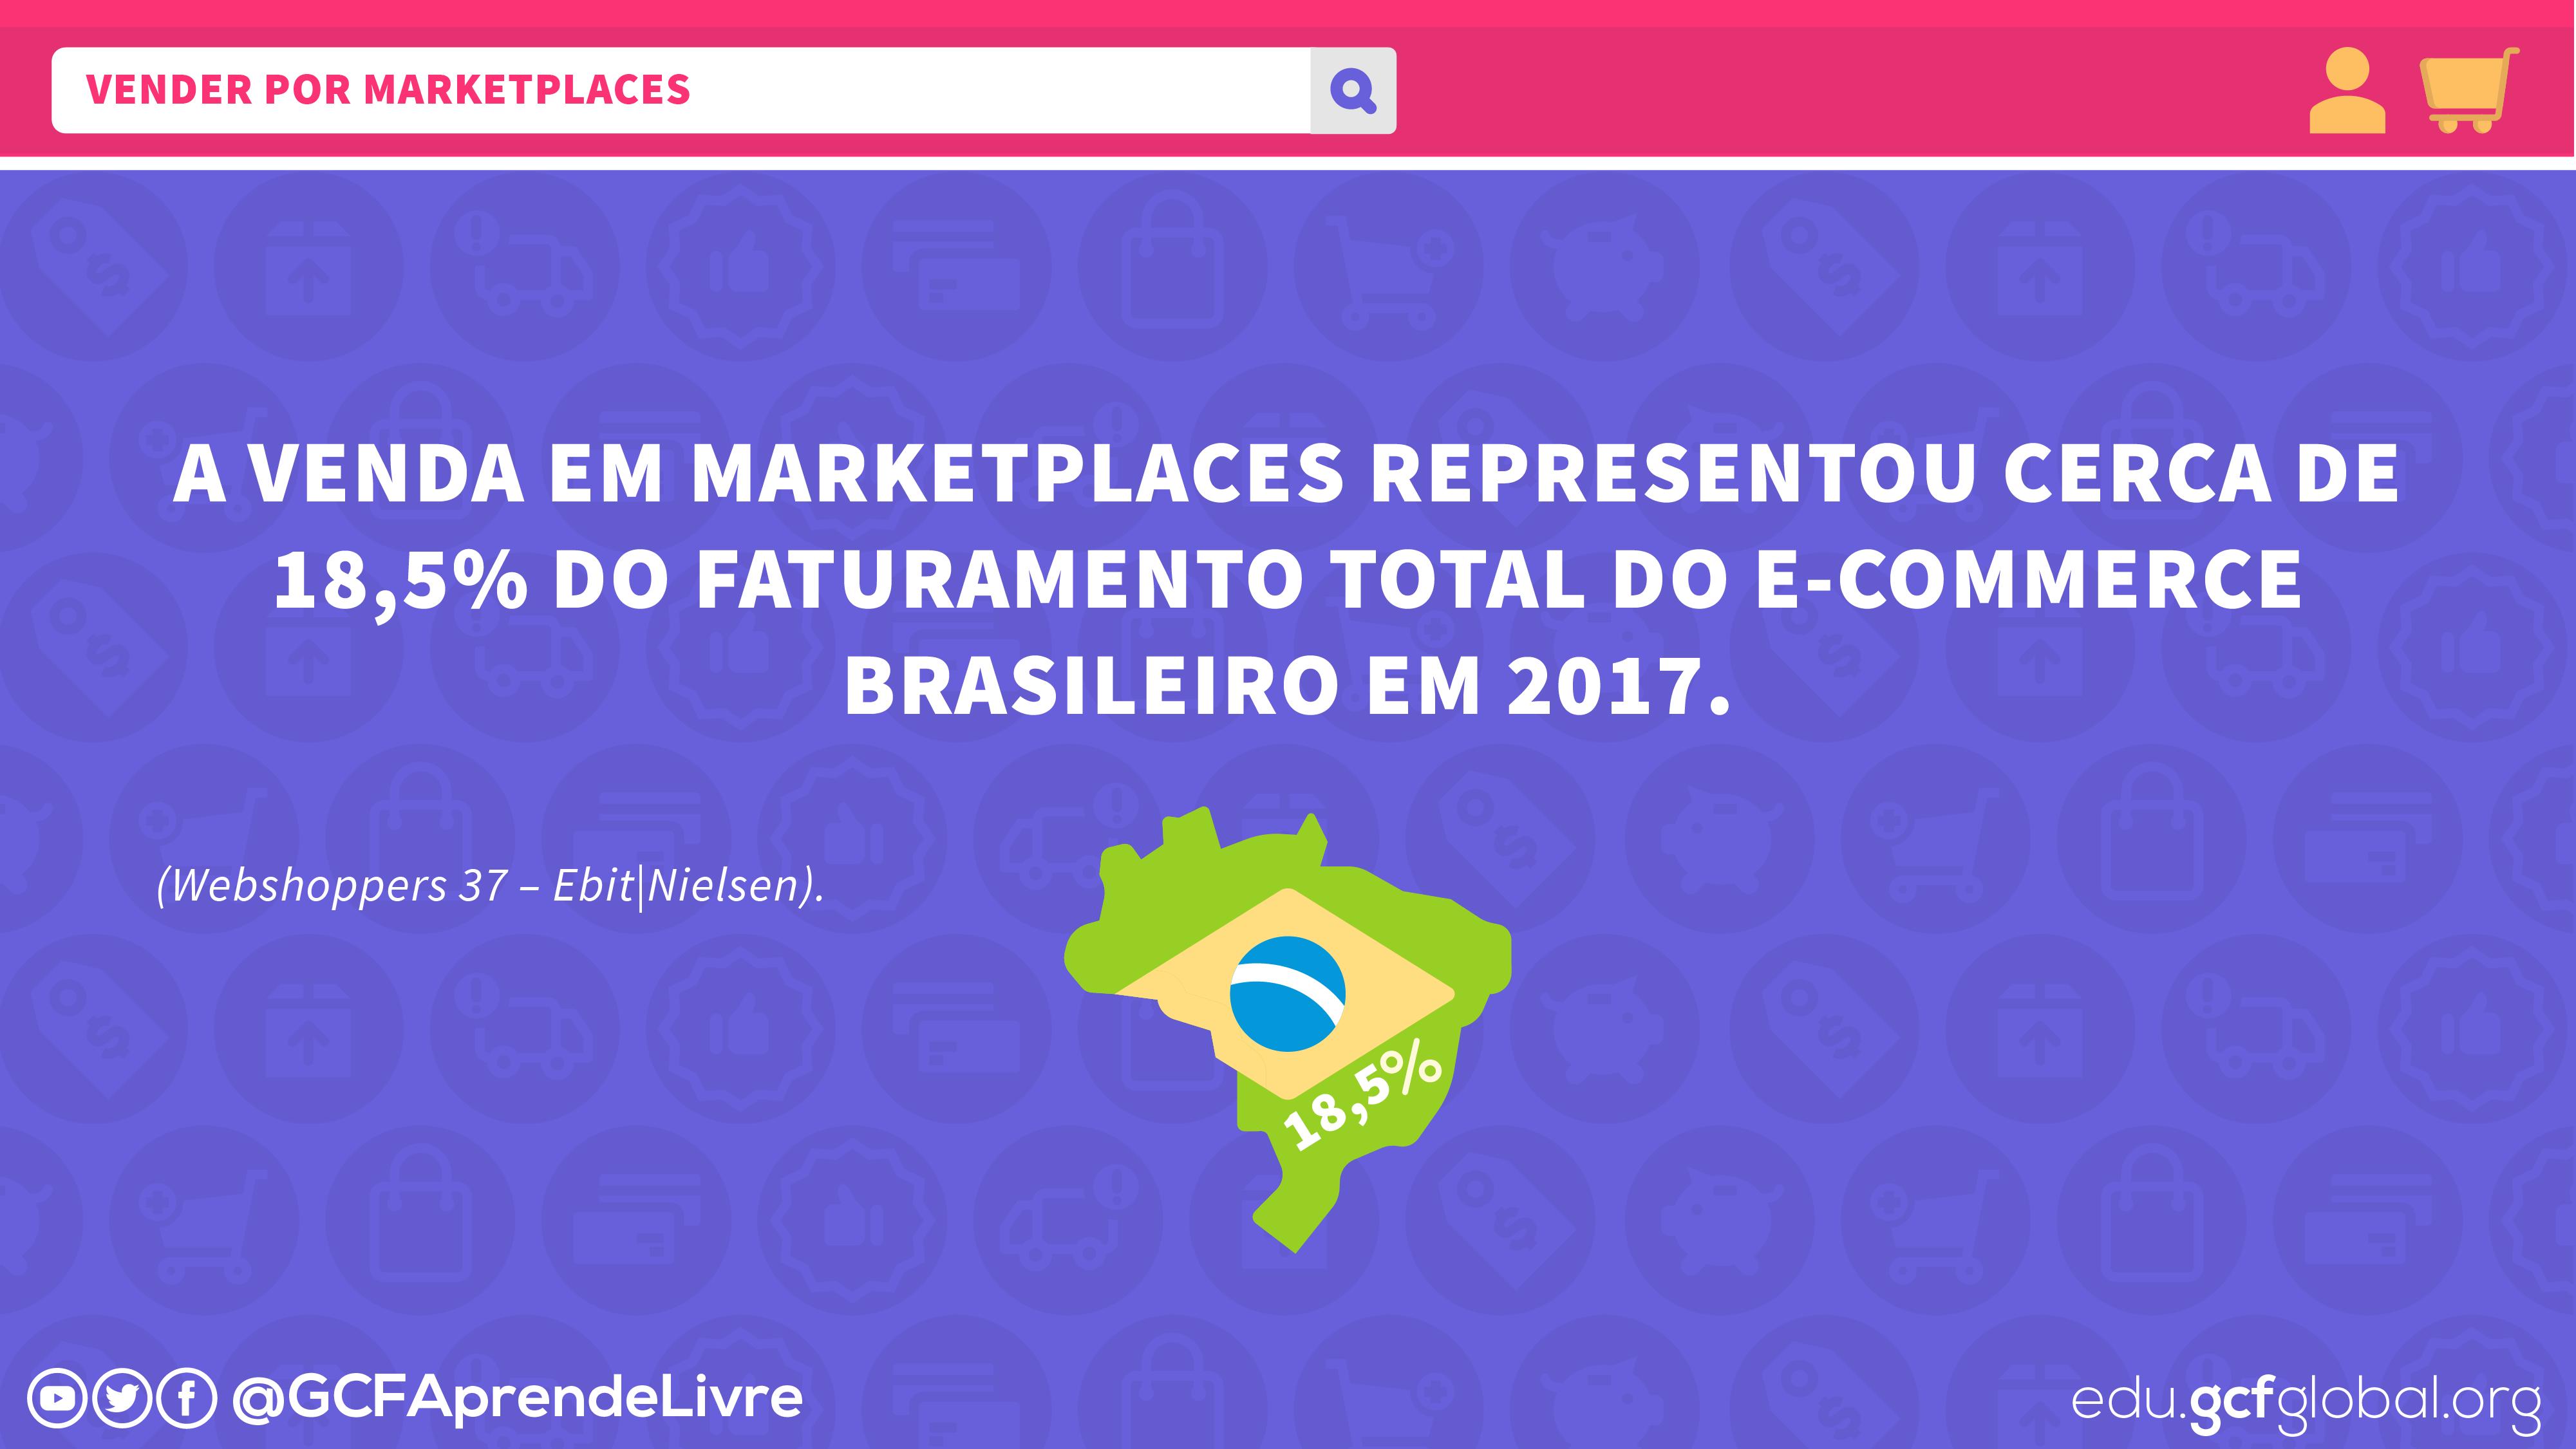 Imagem ilustrativa representatividade dos marketplaces no ecommerce brasileiro